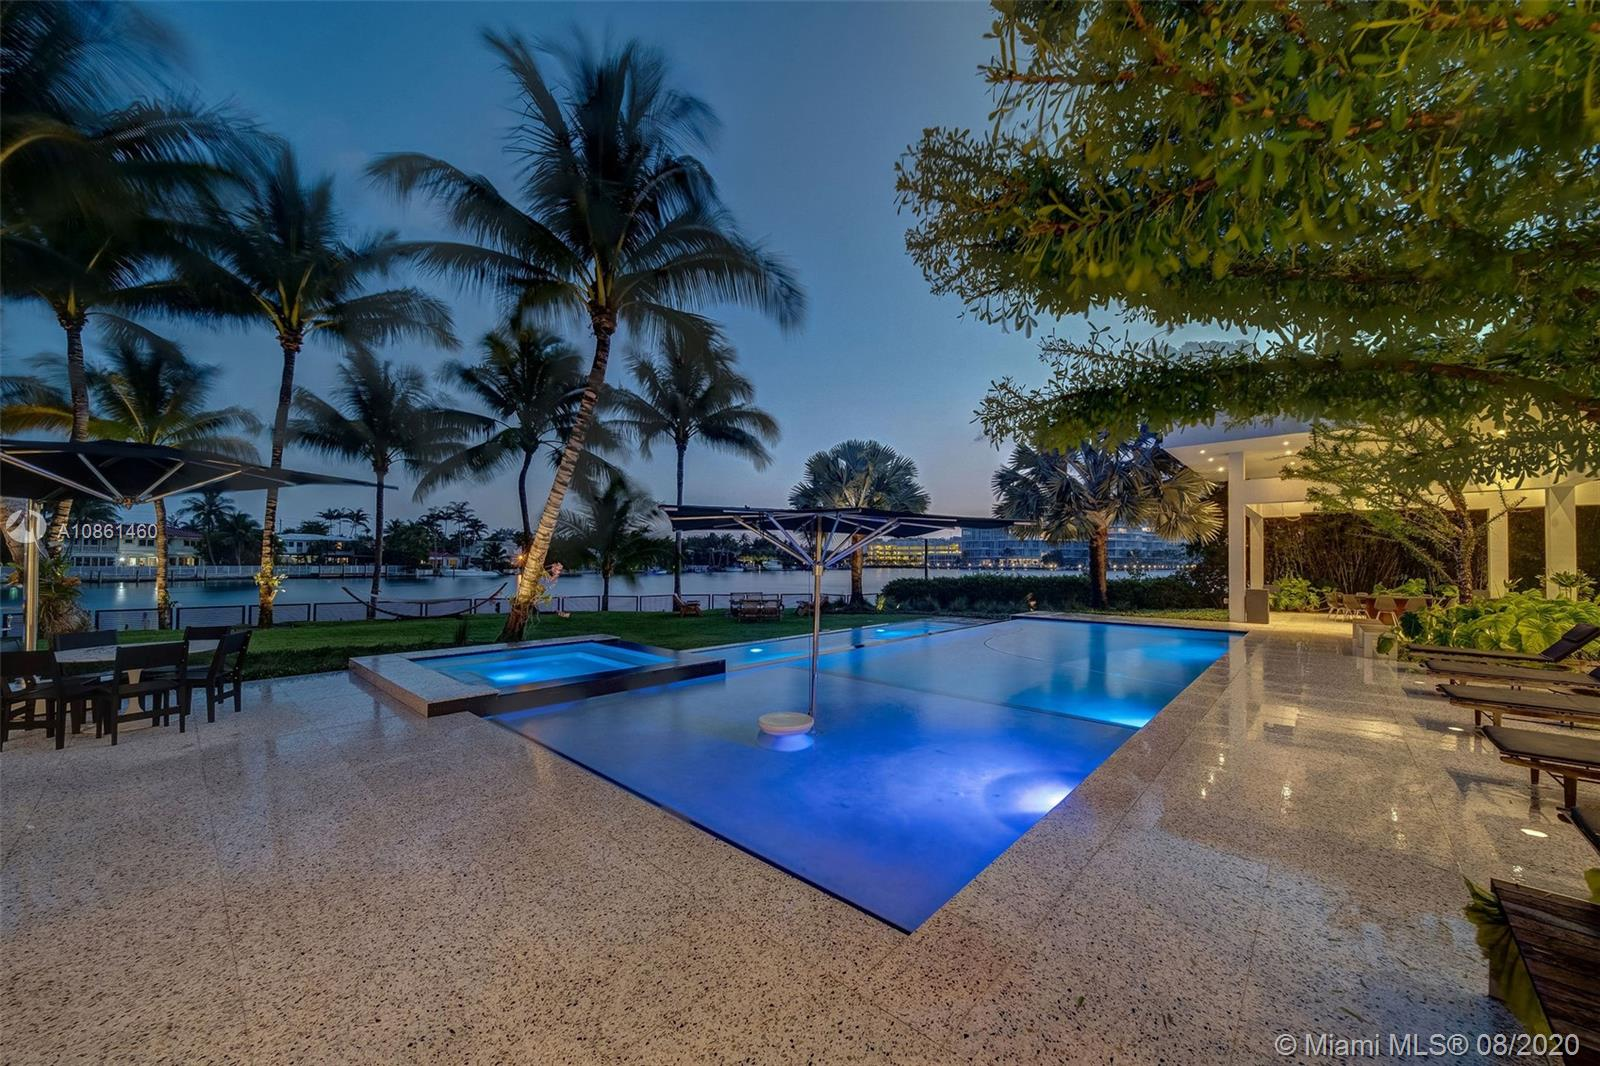 544 Lakeview ct- miami-beach-fl-33140-a10861460-Pic01